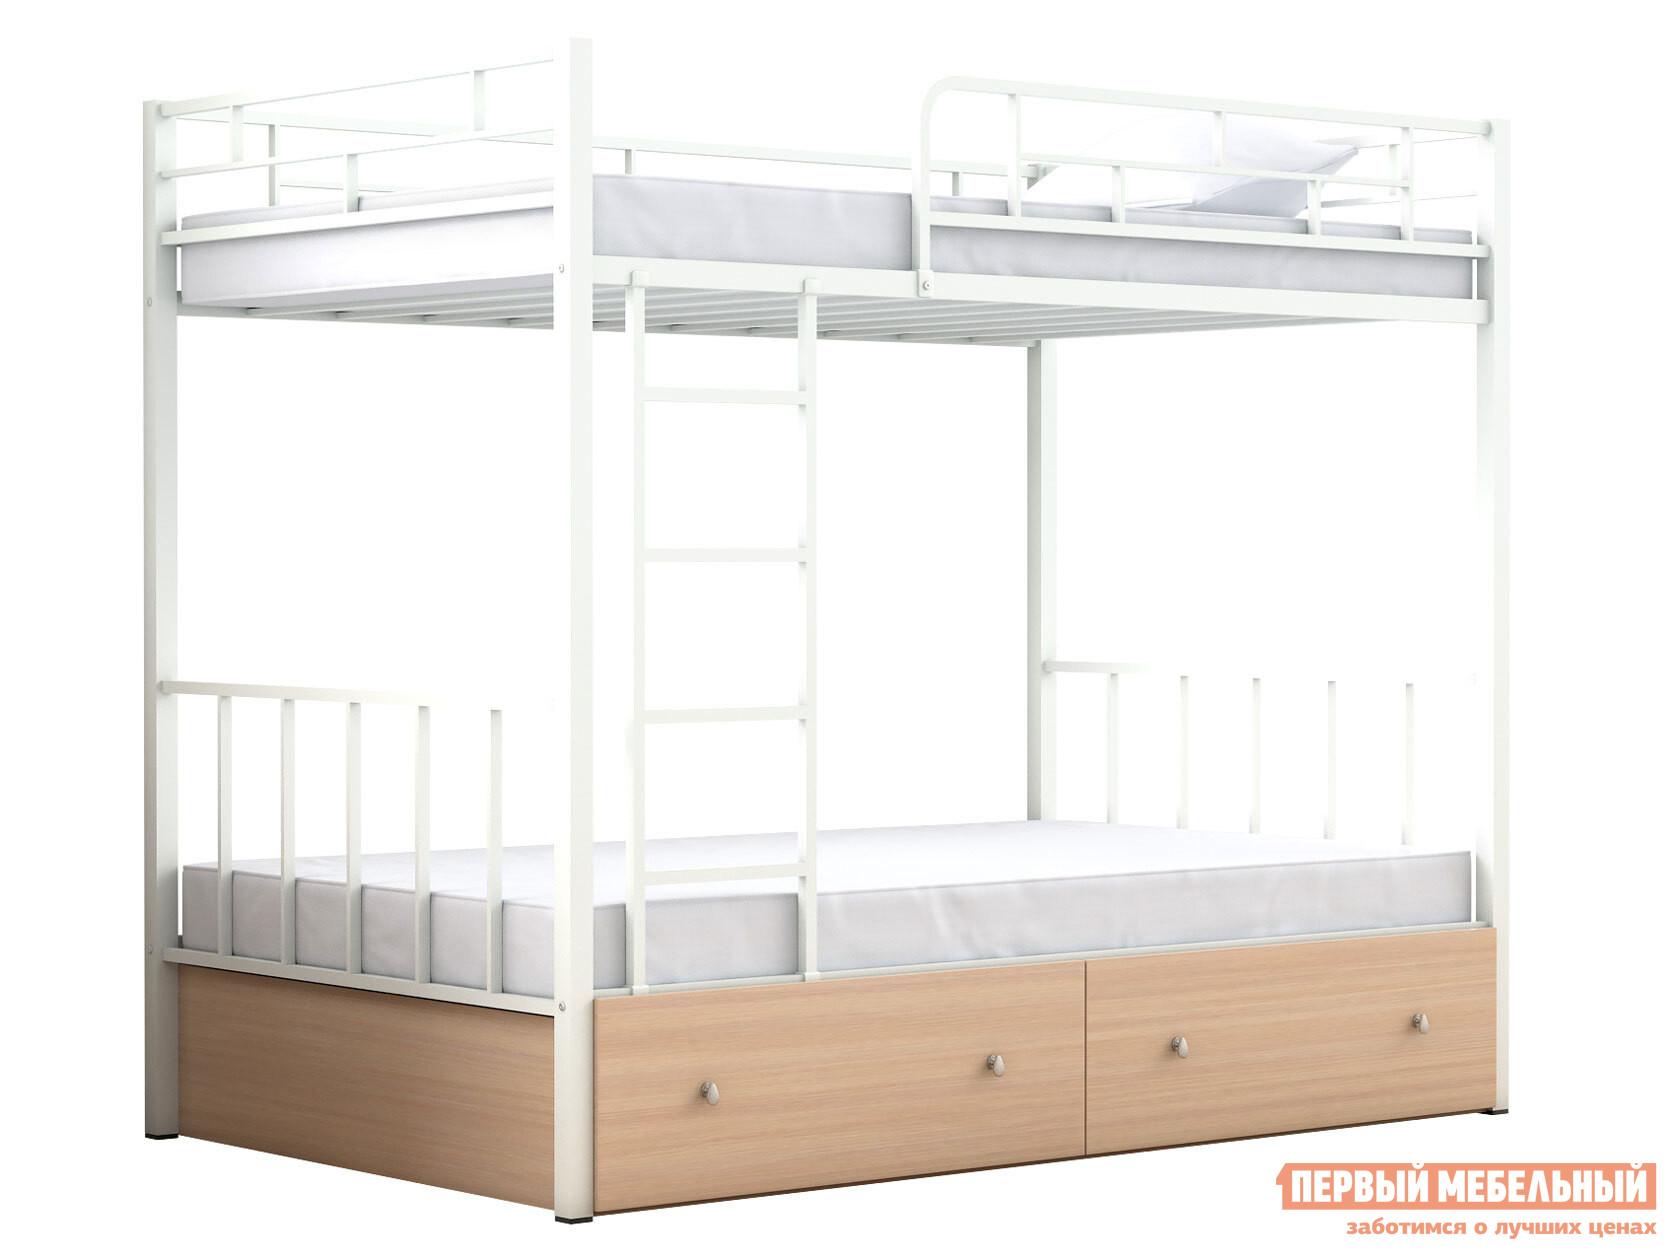 Двухъярусная кровать МФ 4 Сезона Двухъярусная детская кровать Валенсия 120 с ящиками